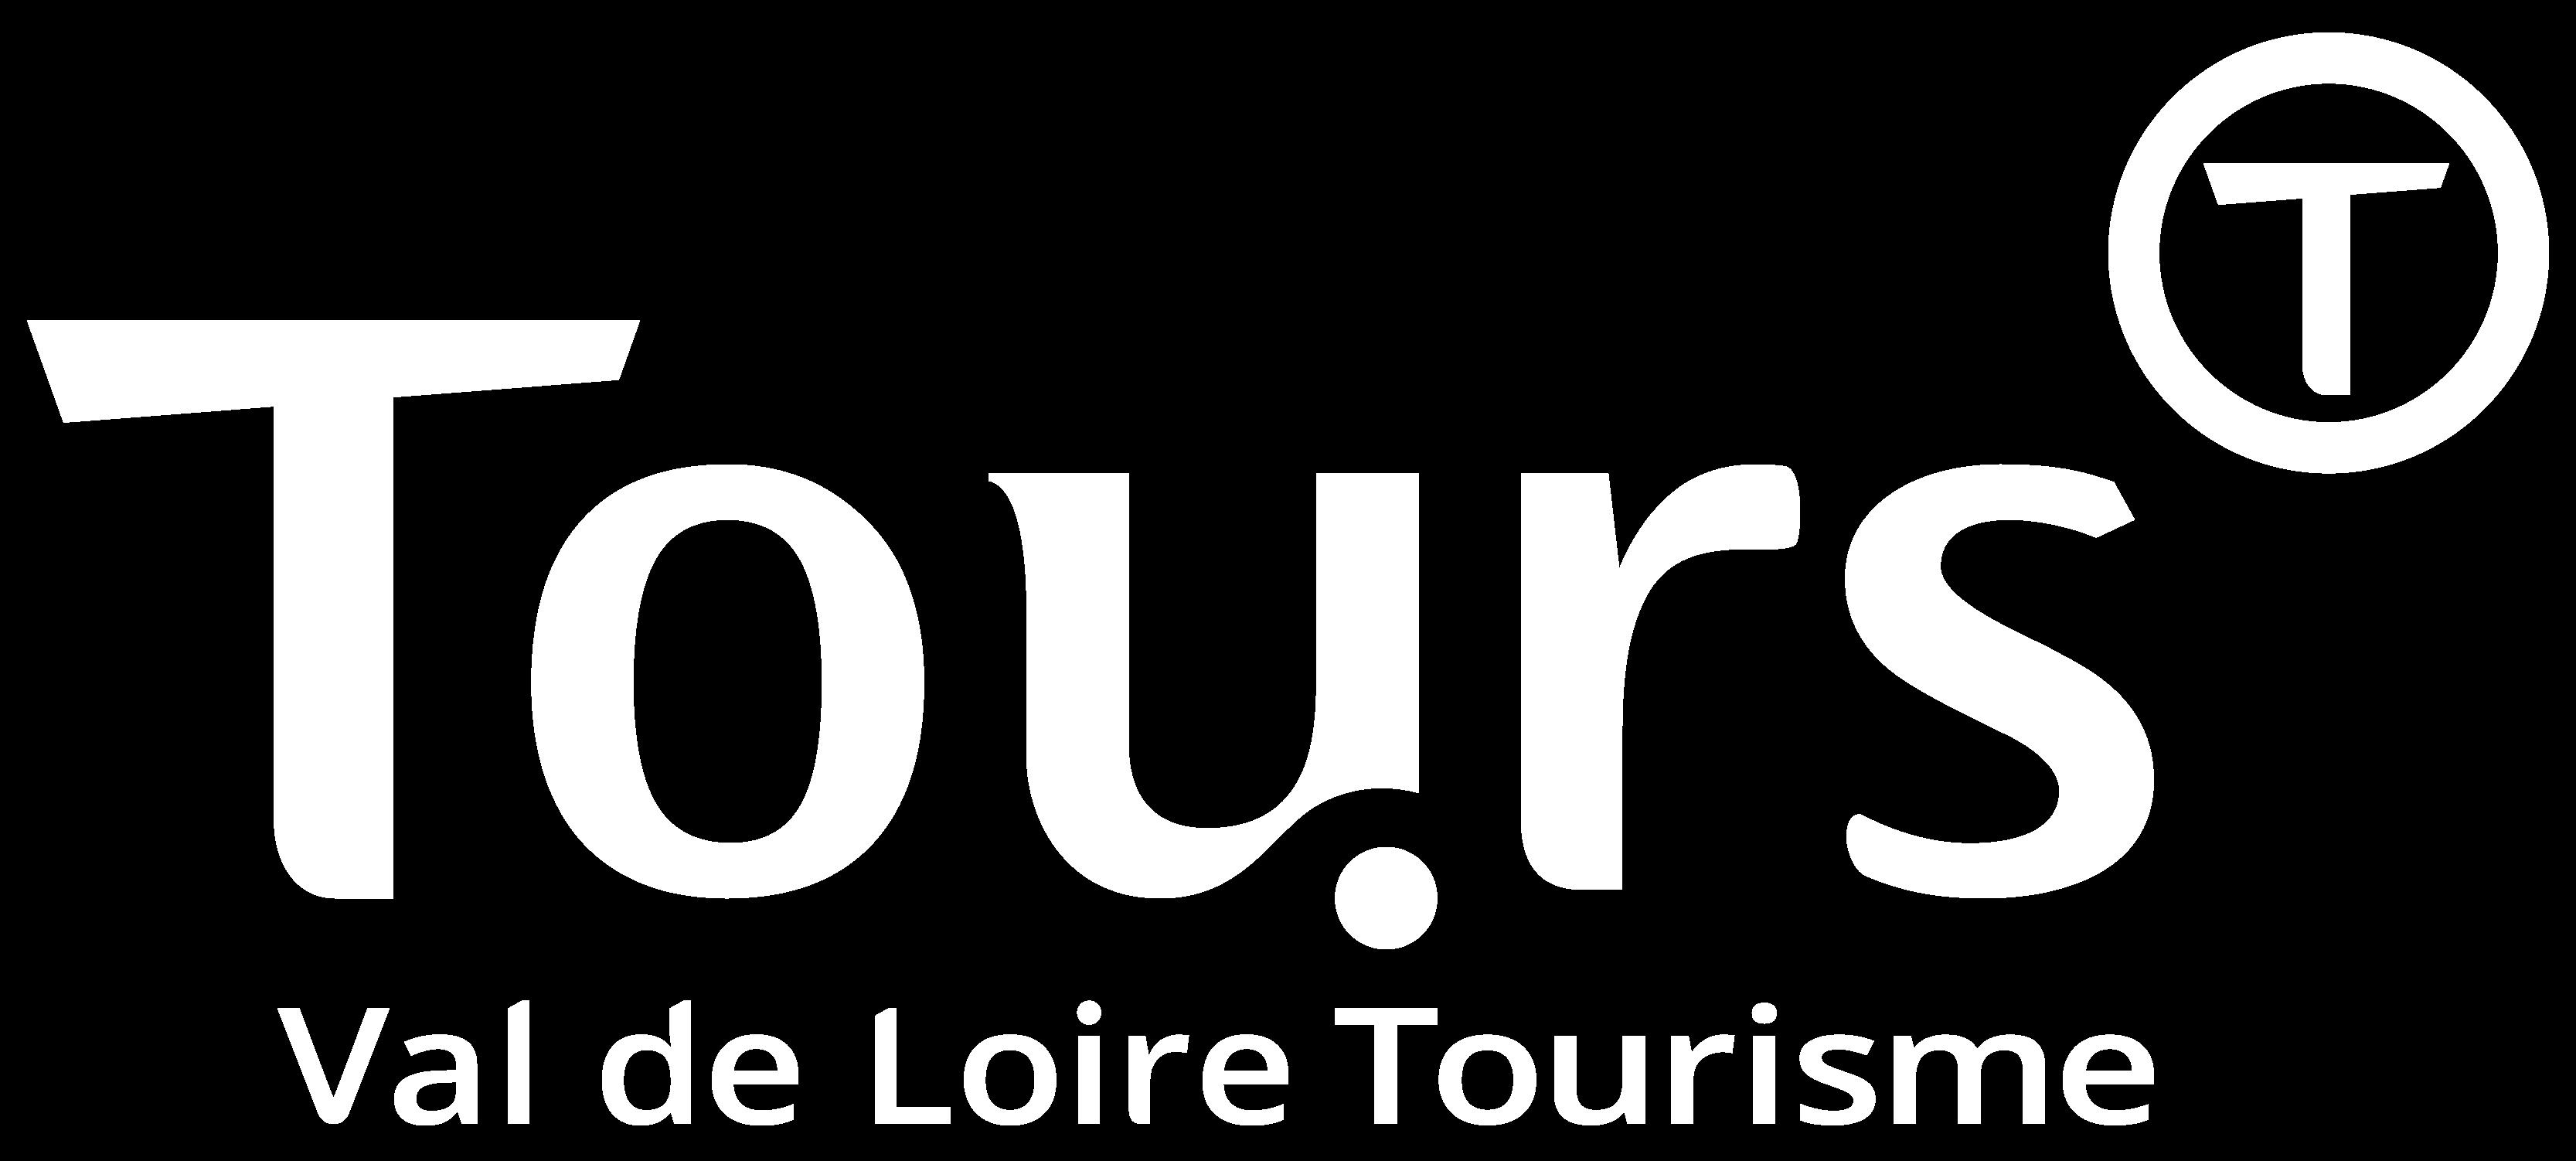 logo tours val de loire tourisme